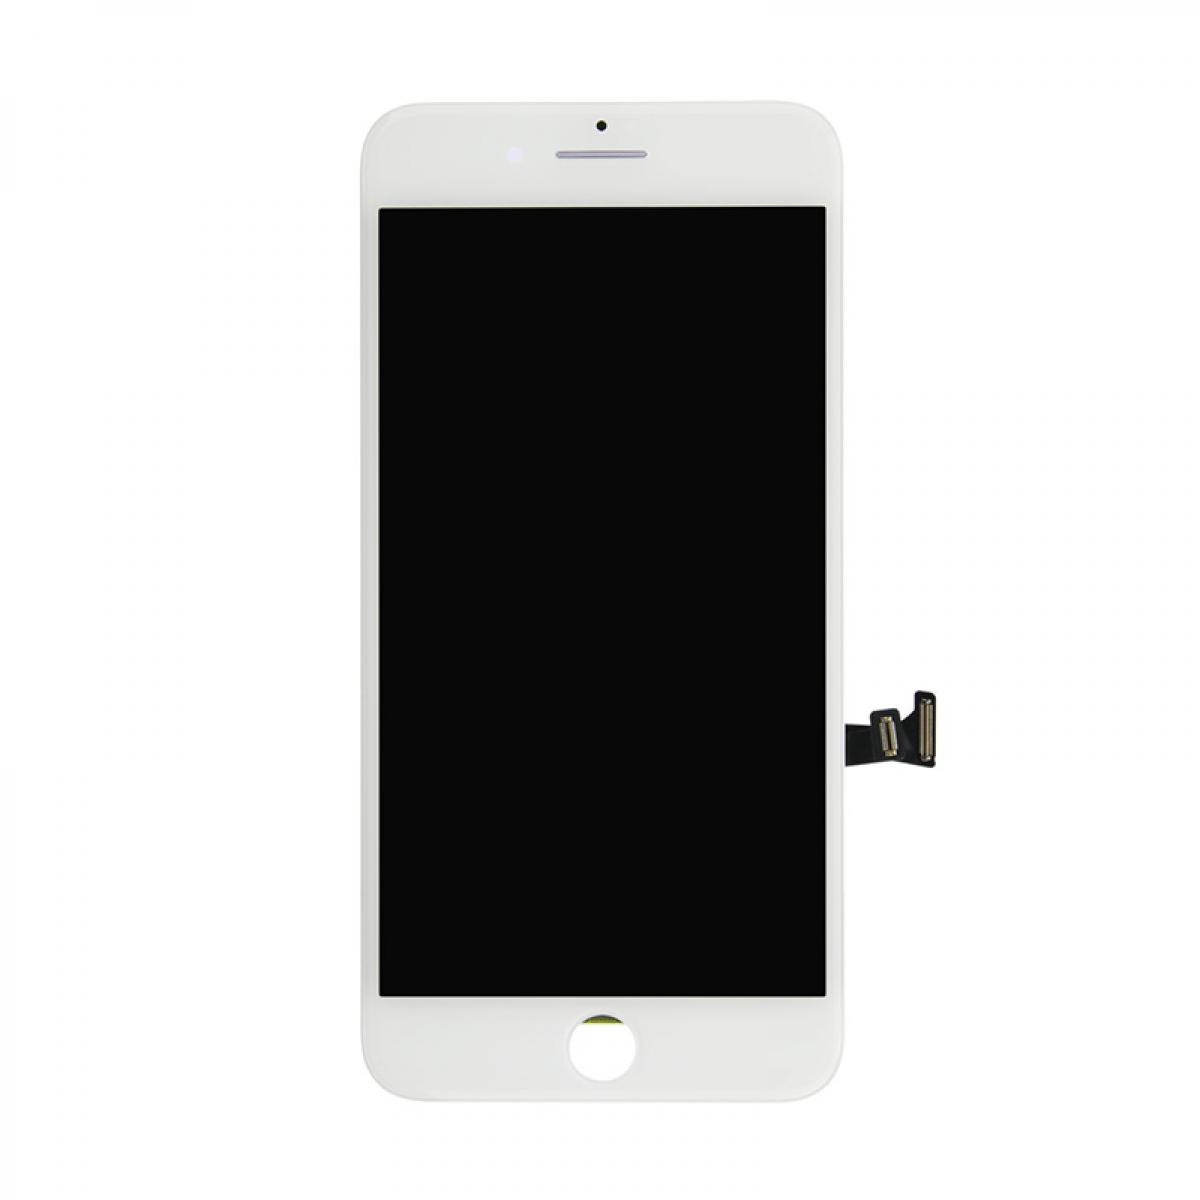 Thay màn hình iPhone 8 Plus tại quận Phú Nhuận HCM, chính hãng, giá rẻ